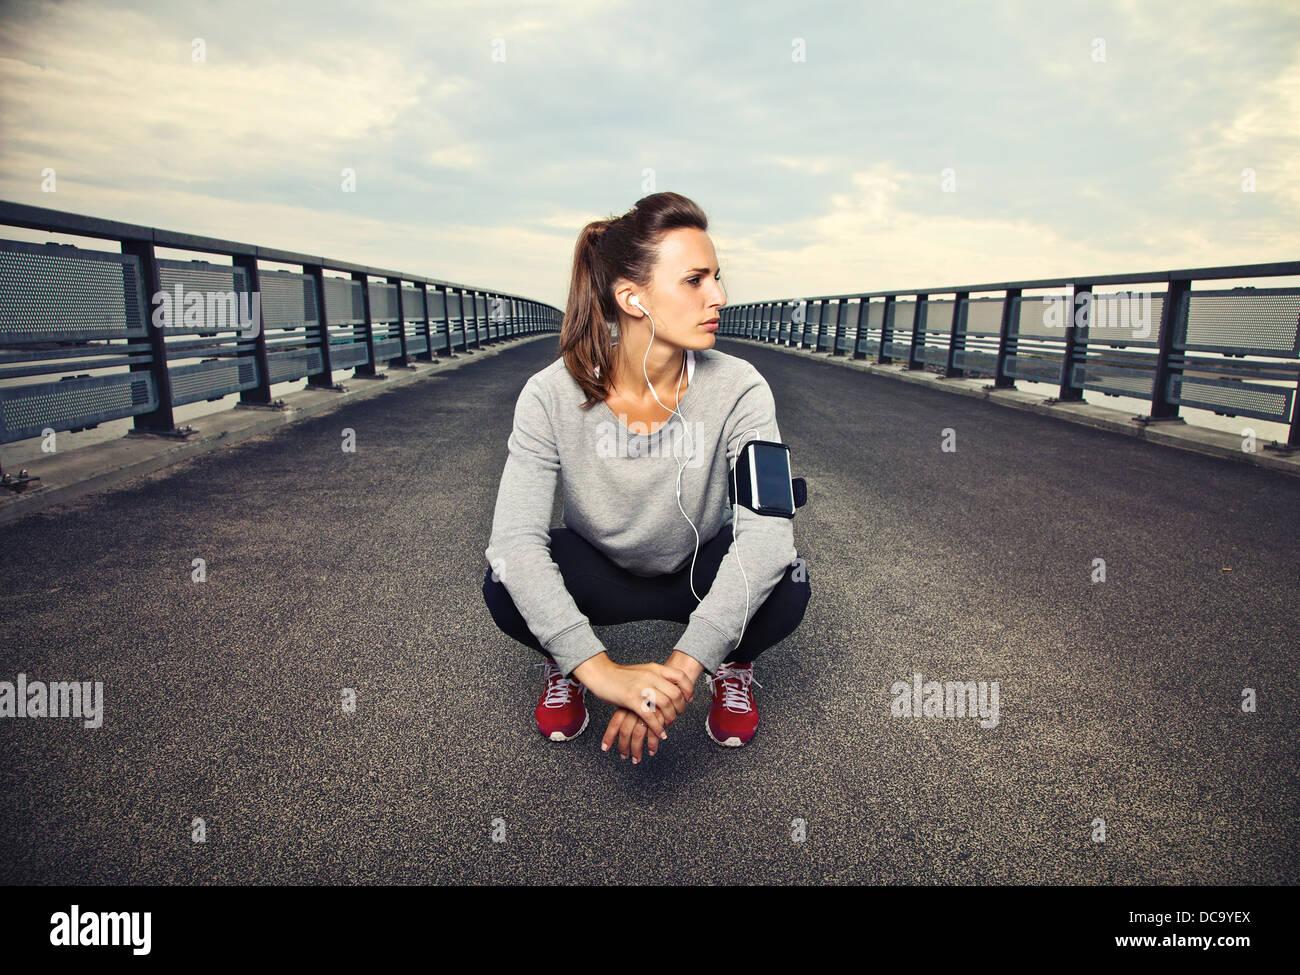 Runner donna seduta sul ponte dopo l'esecuzione Immagini Stock